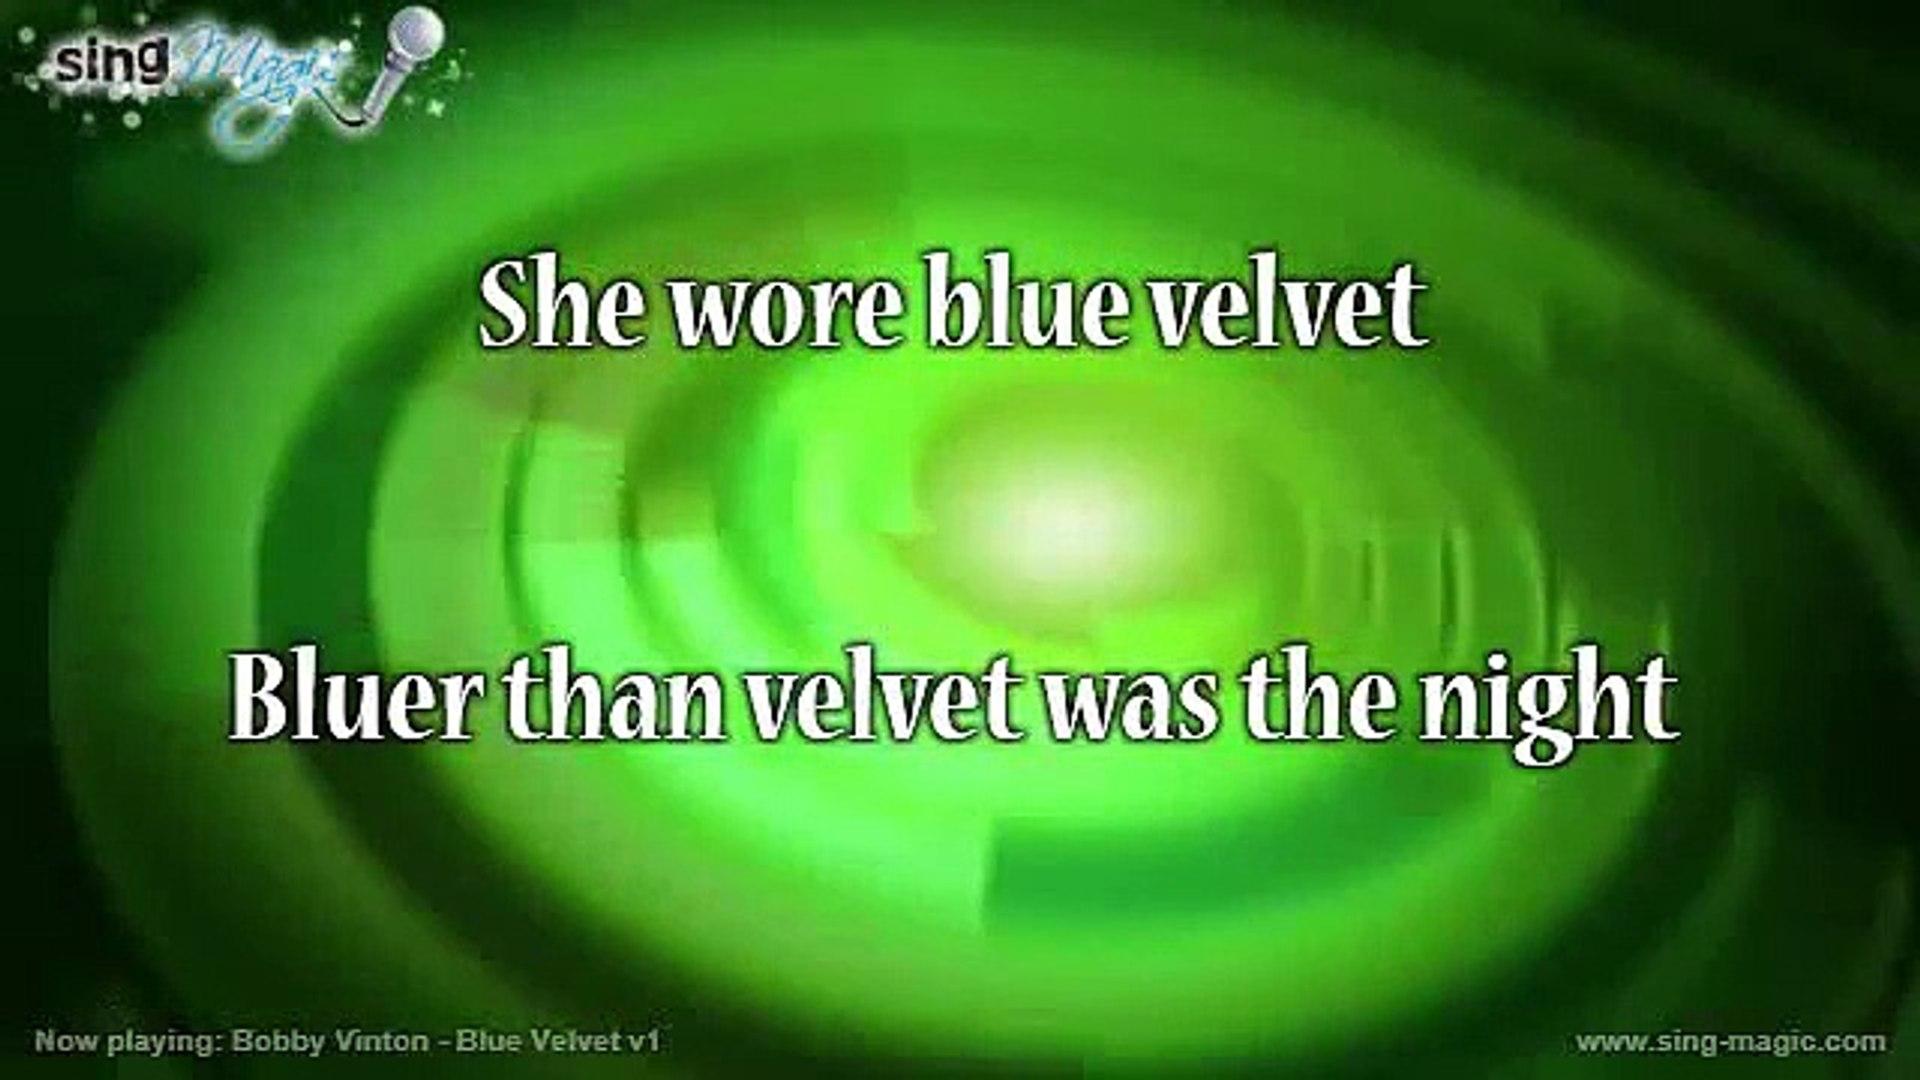 Bobby Vinton - Blue Velvet v1 Karaoke Version Instrumental